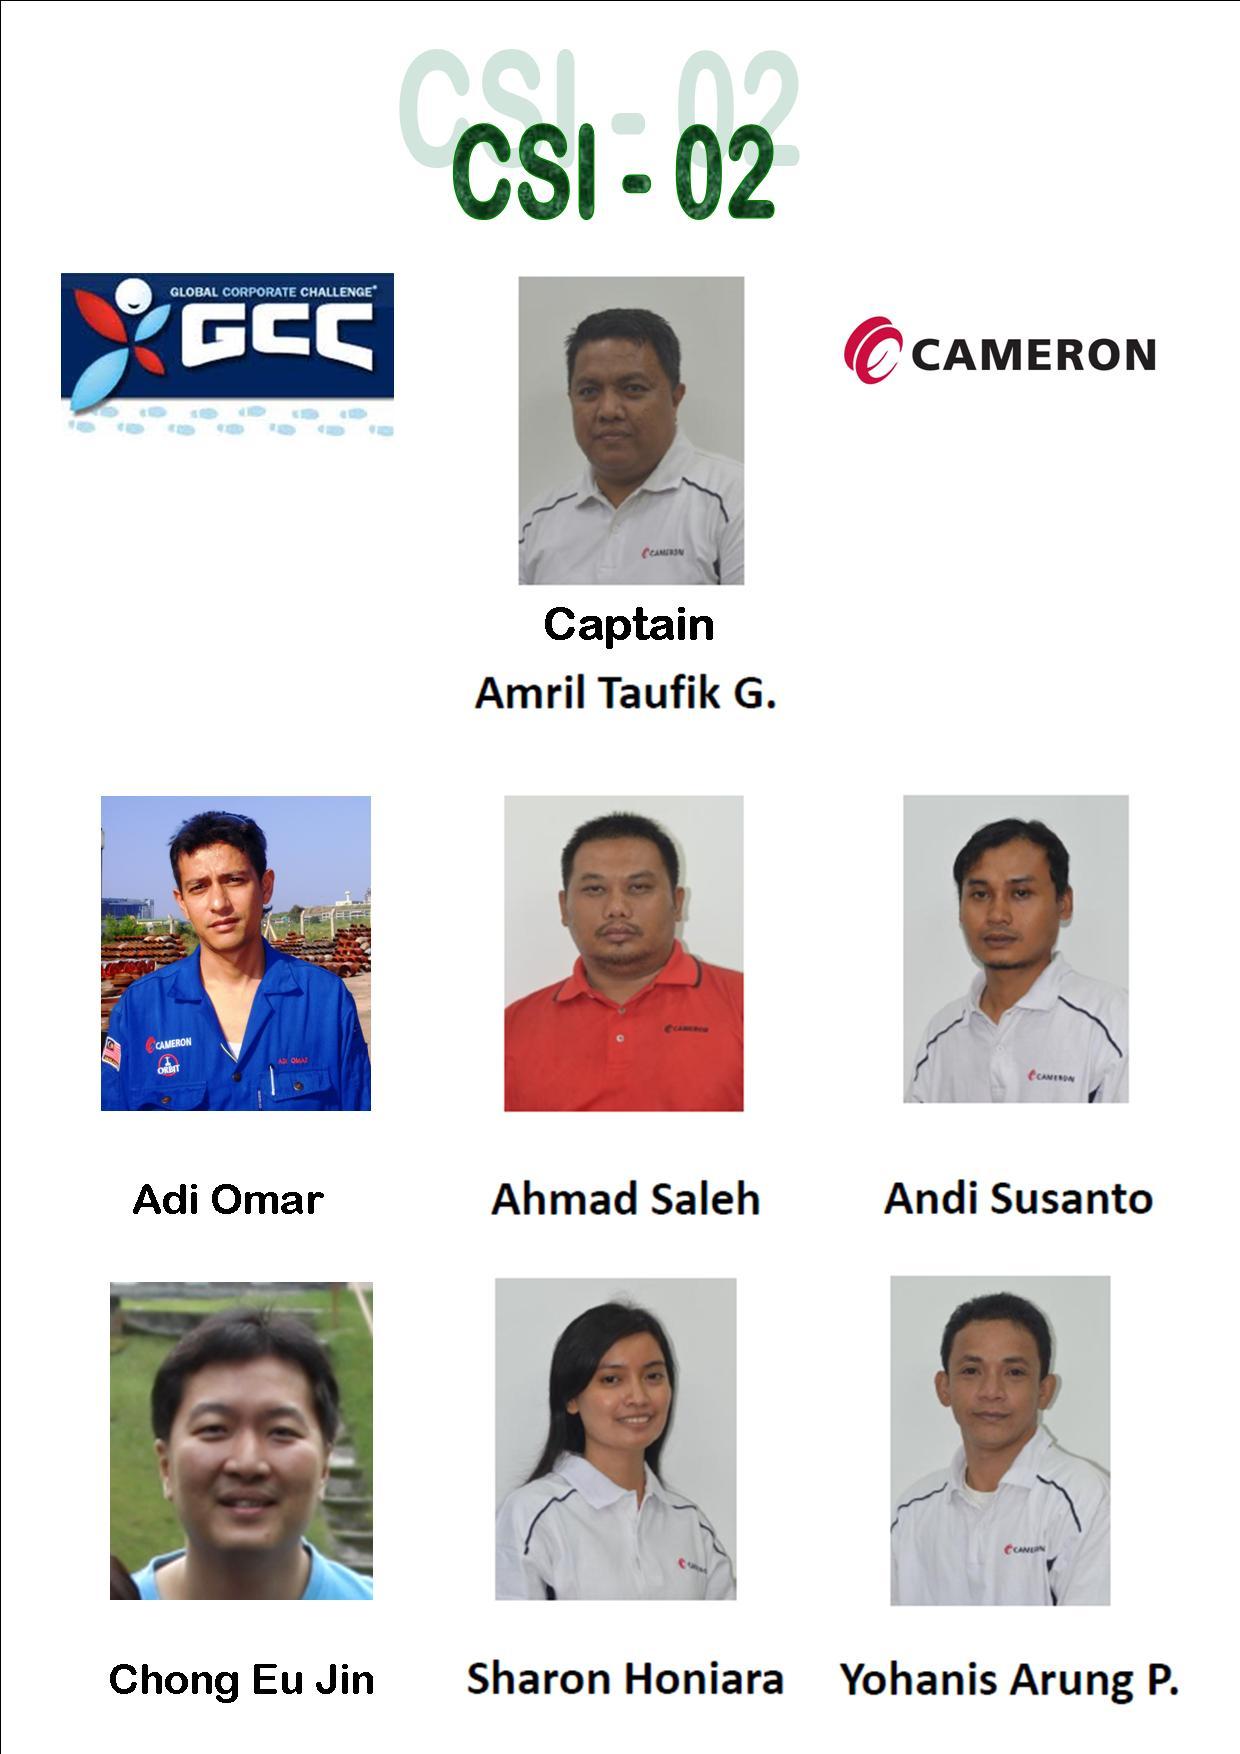 GCC : MENGGALANG PARTISIPASI GLOBAL MENUJU KORPORASI LEBIH SEHAT & PRODUKTIF